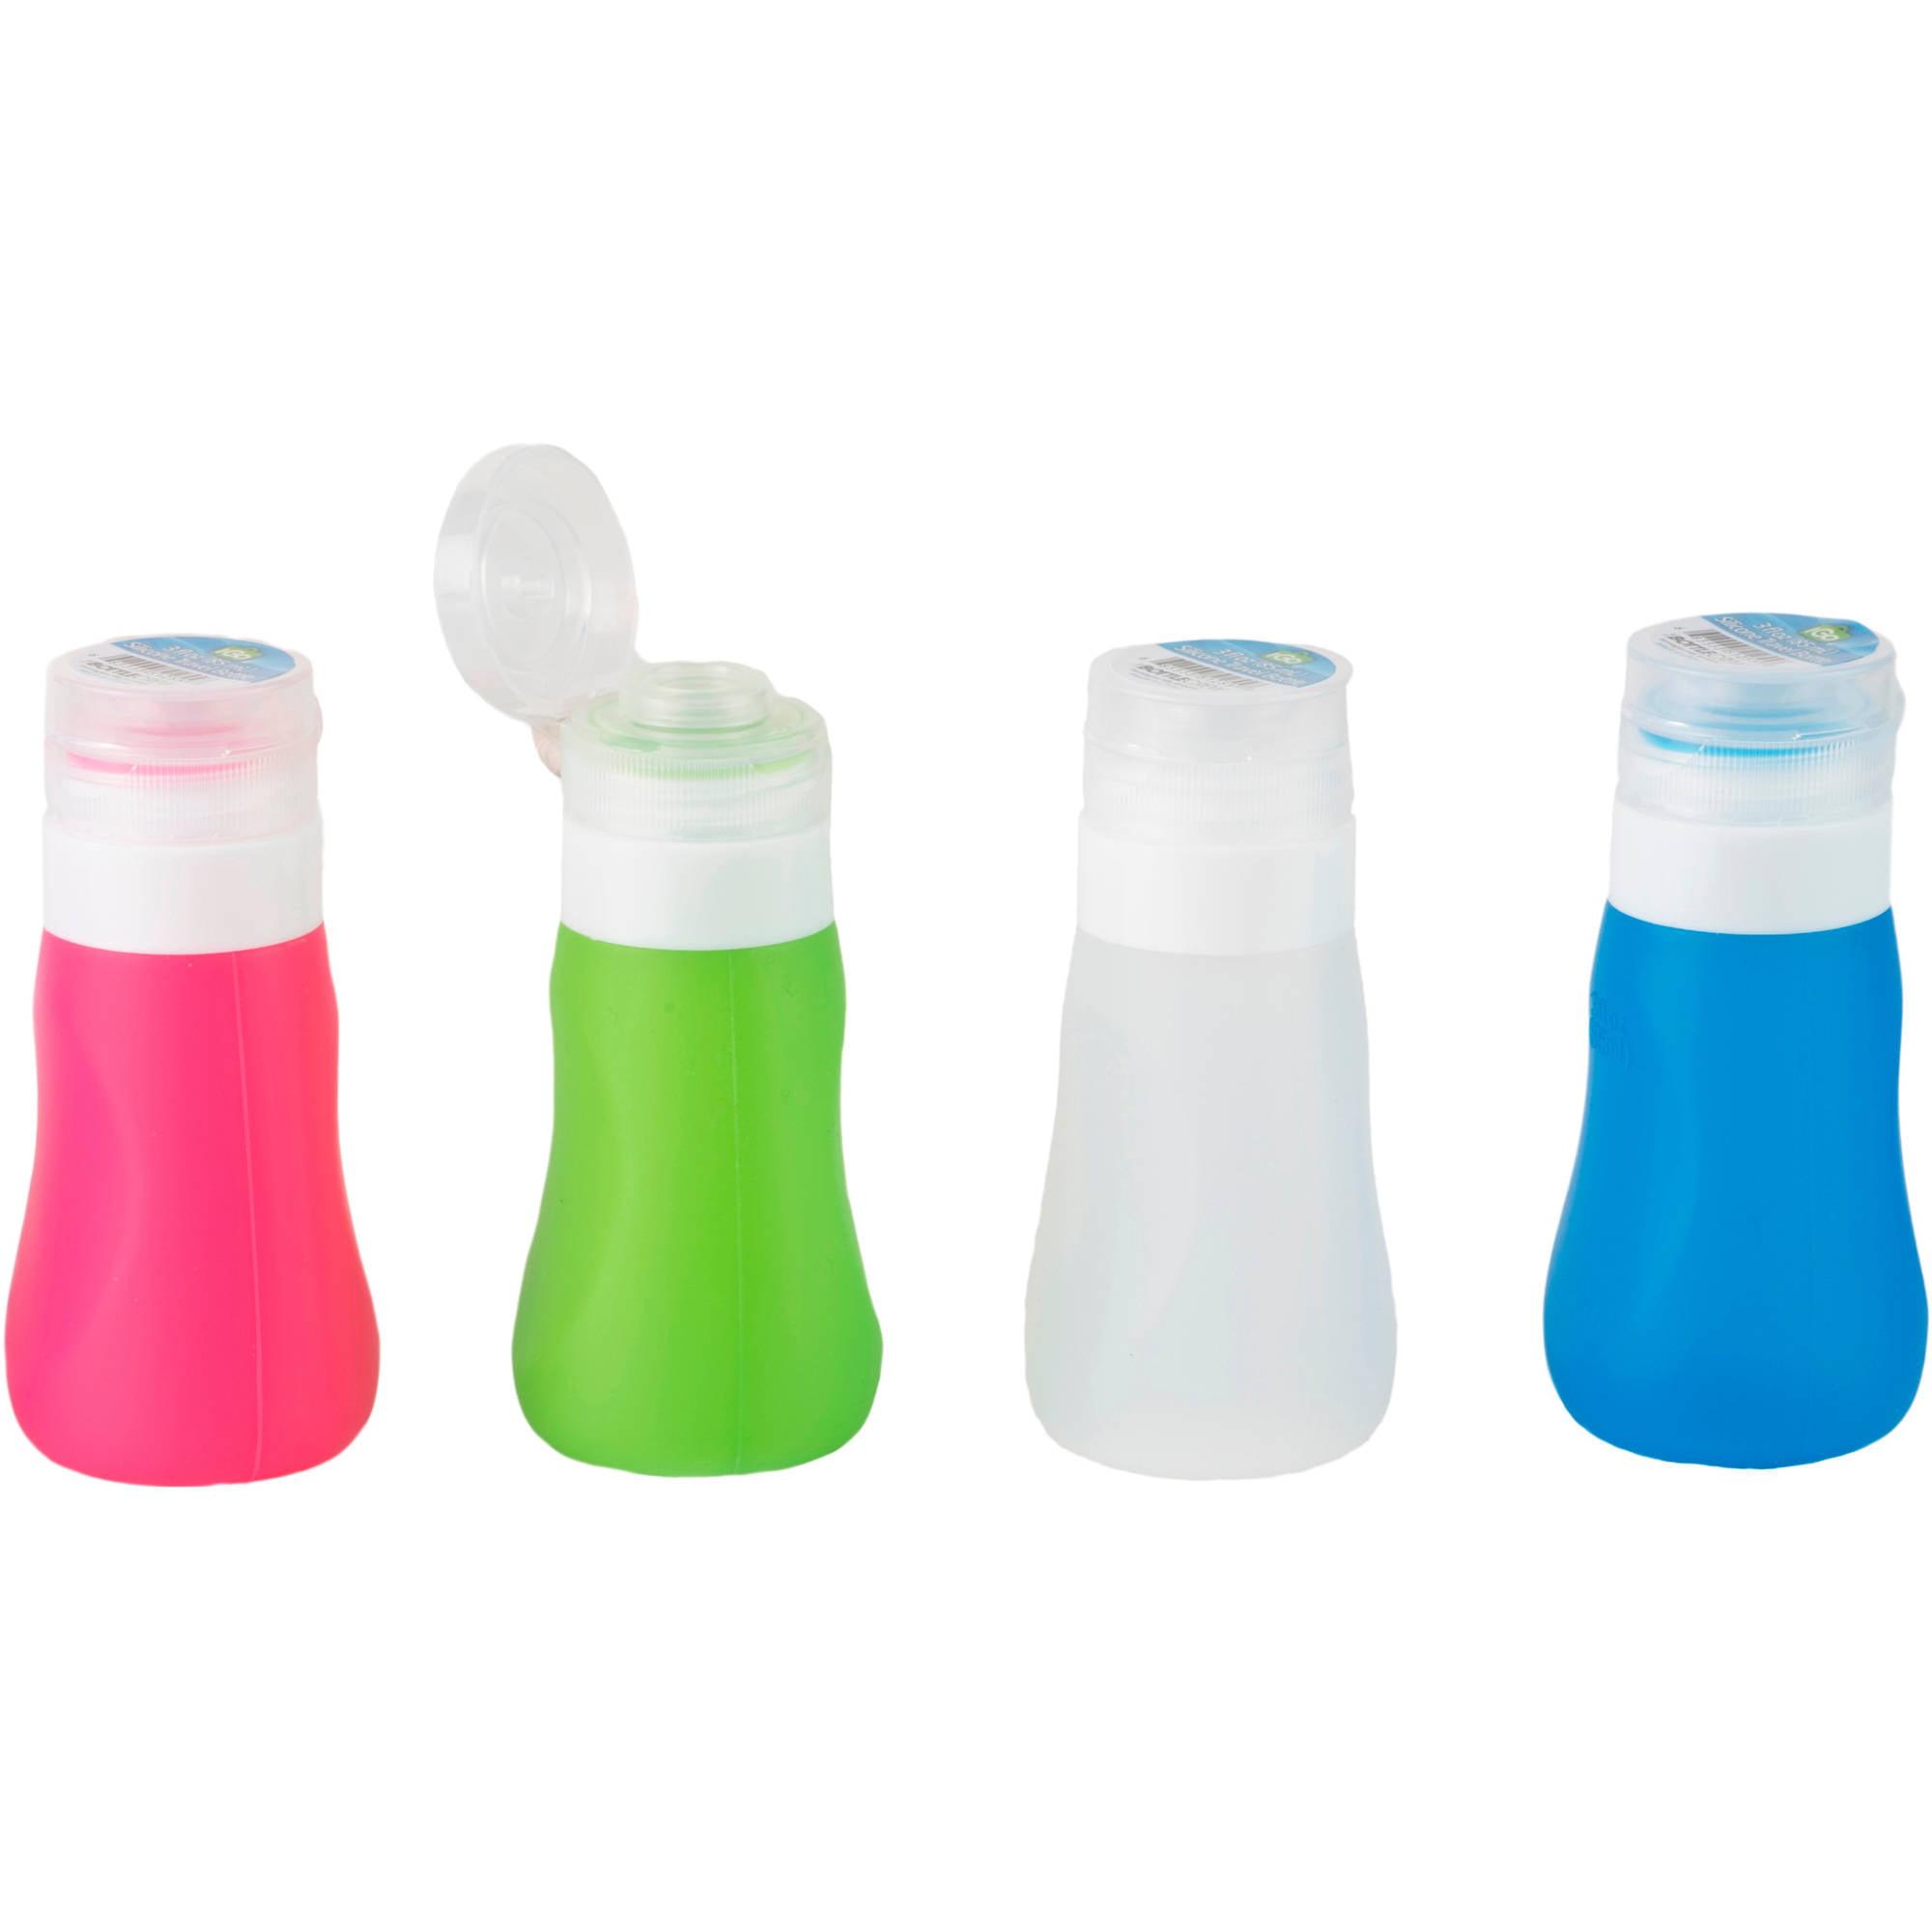 Igo Silicone 3 Oz Travel Bottles With Reusable Clear Bag